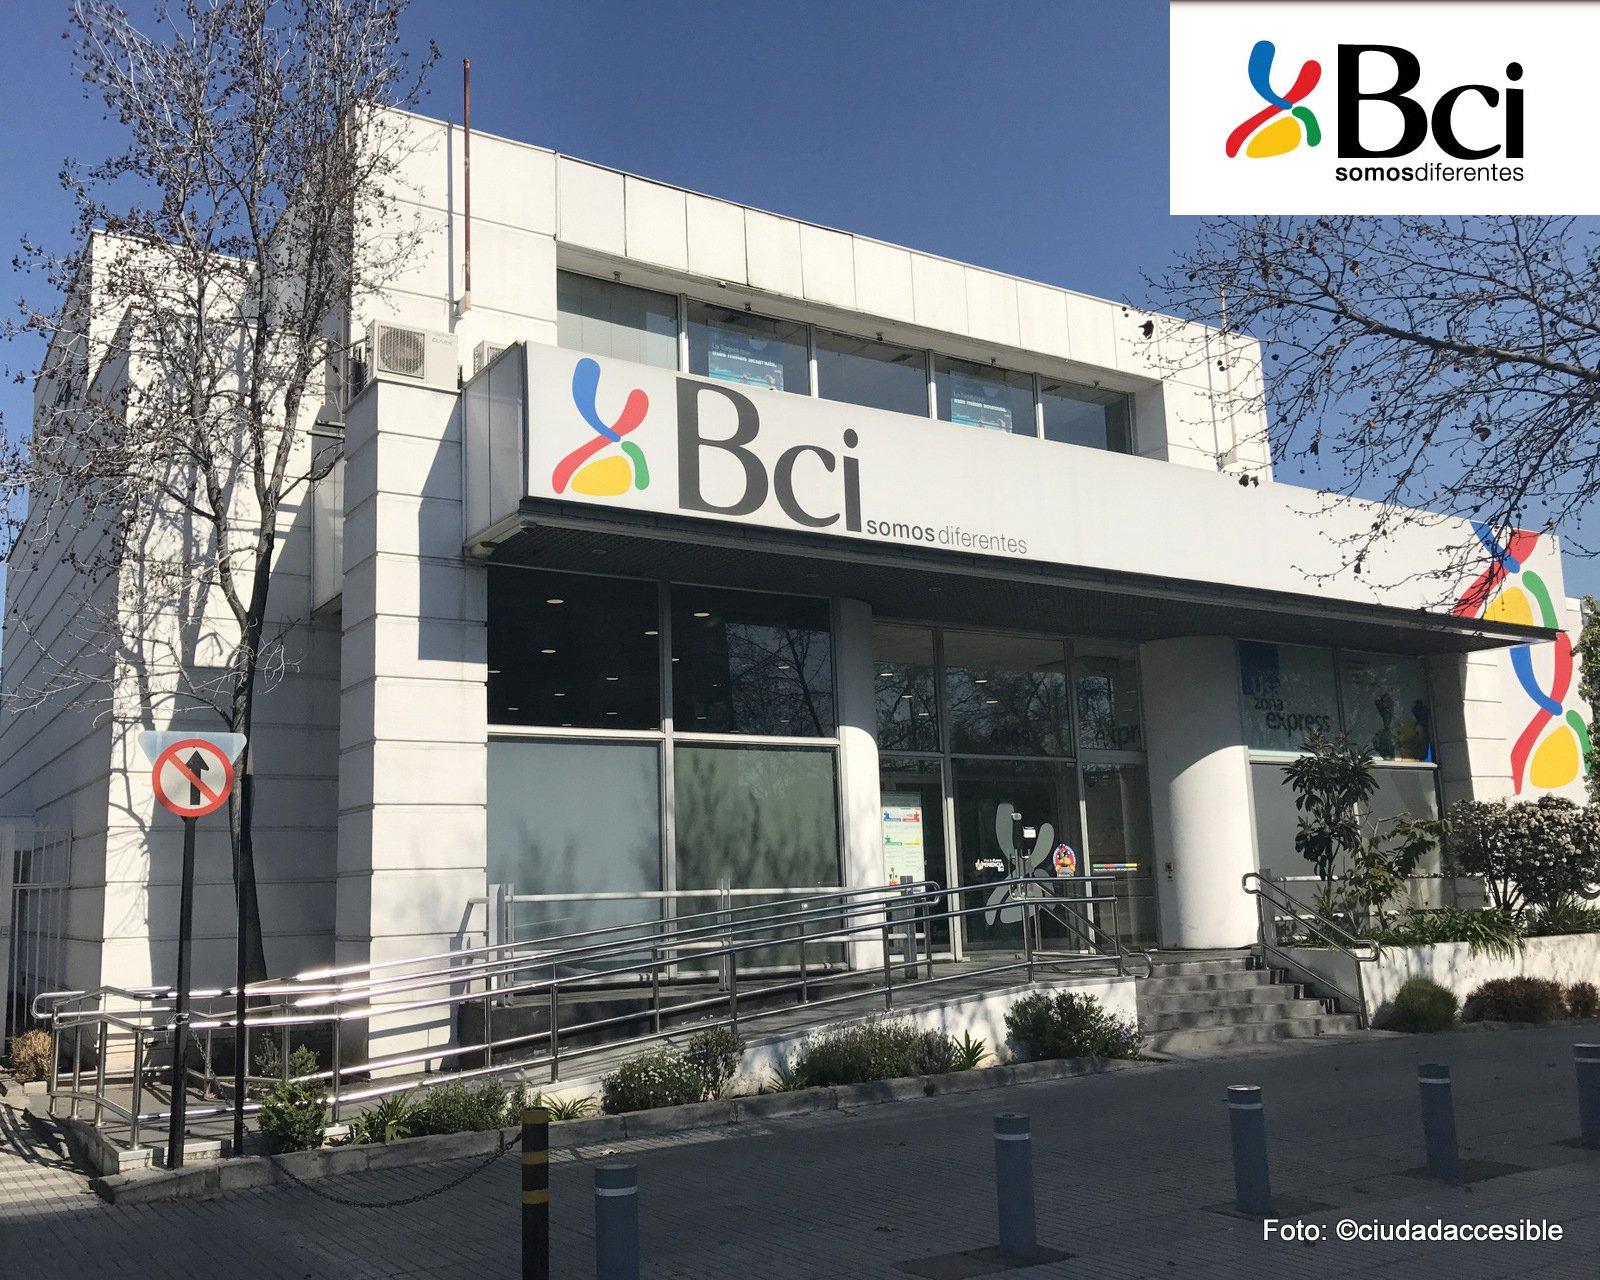 Diagnósticos de accesibilidad proyectos BCI